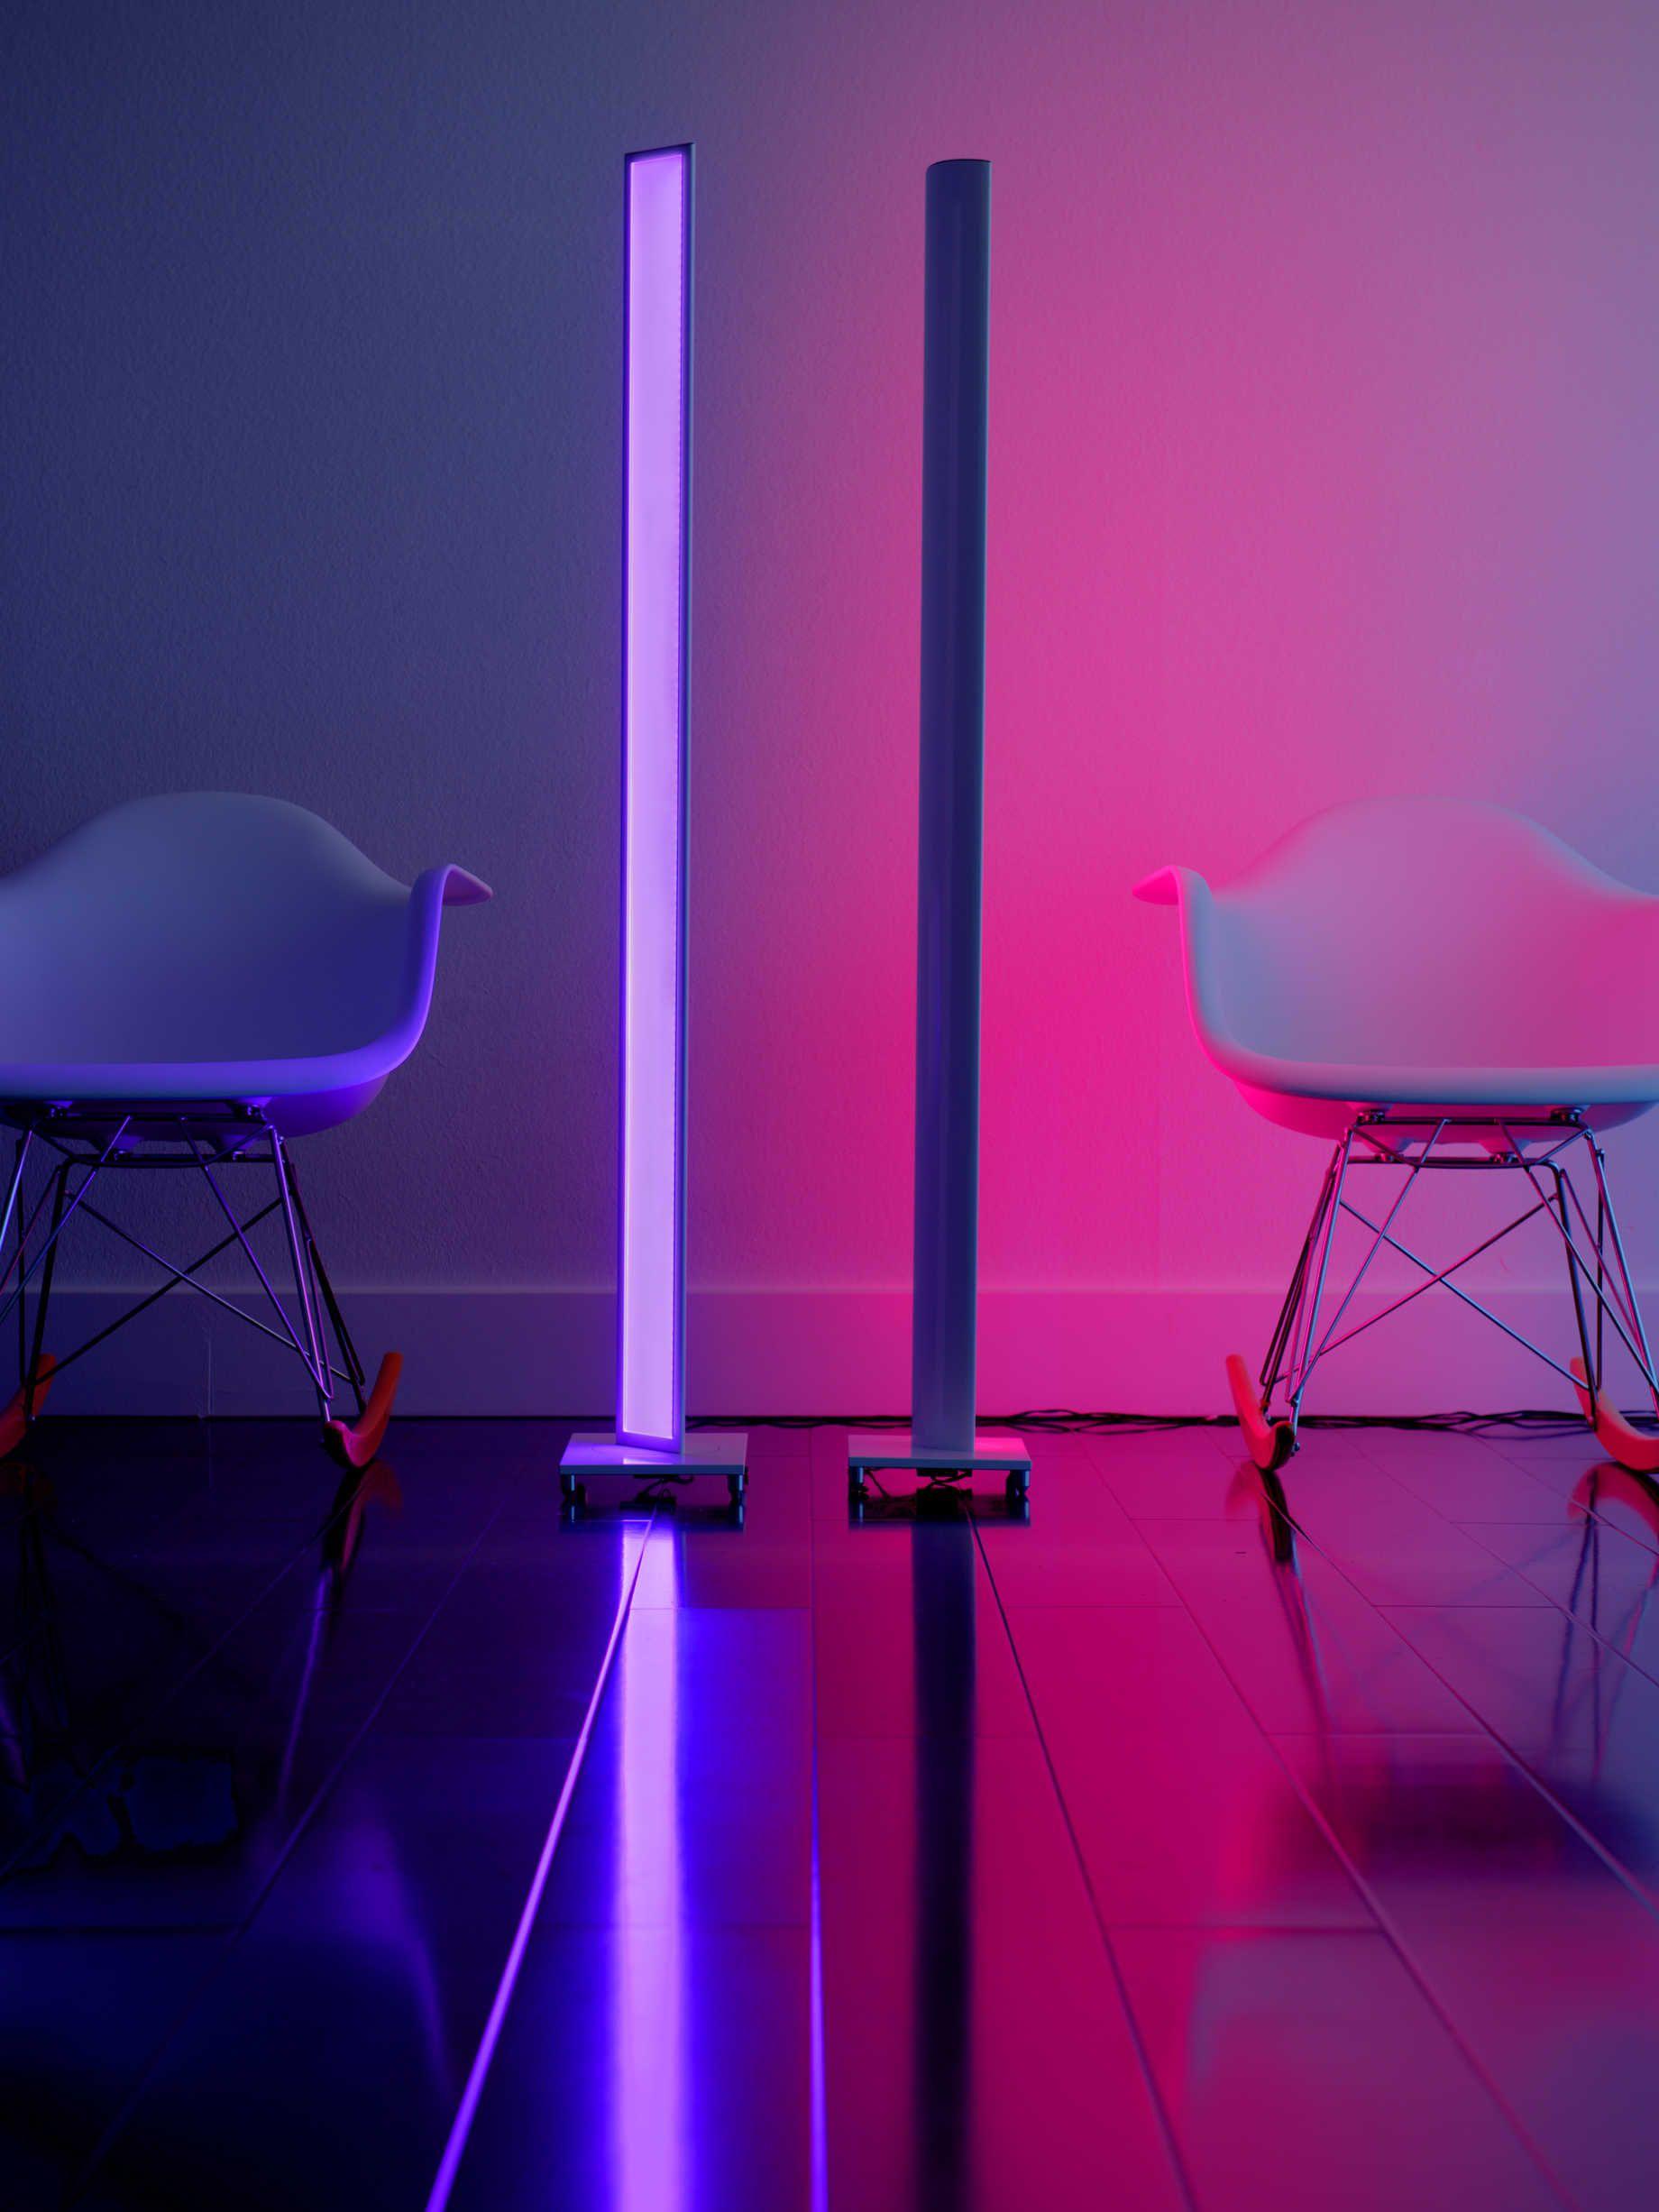 Koncept Tono White Led Floor Lamp In 2020 Led Floor Lamp Floor Lamp Light Backdrop